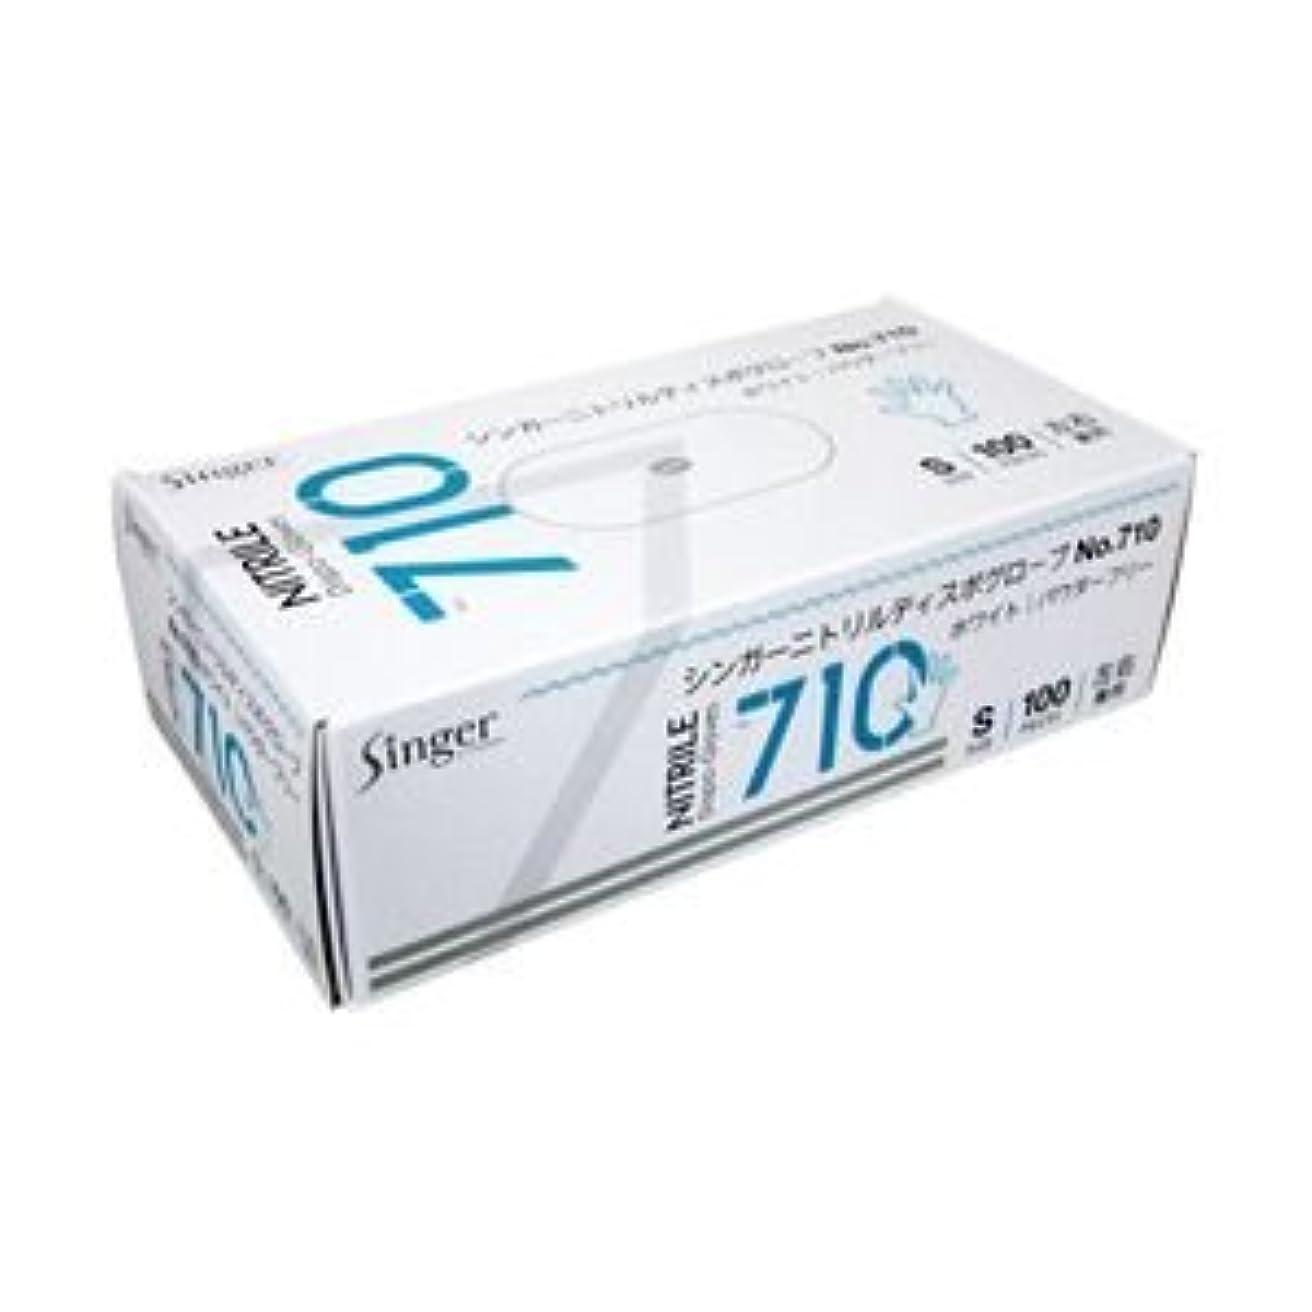 宇都宮製作 ニトリル手袋710 粉なし S 1箱(100枚) ×5セット